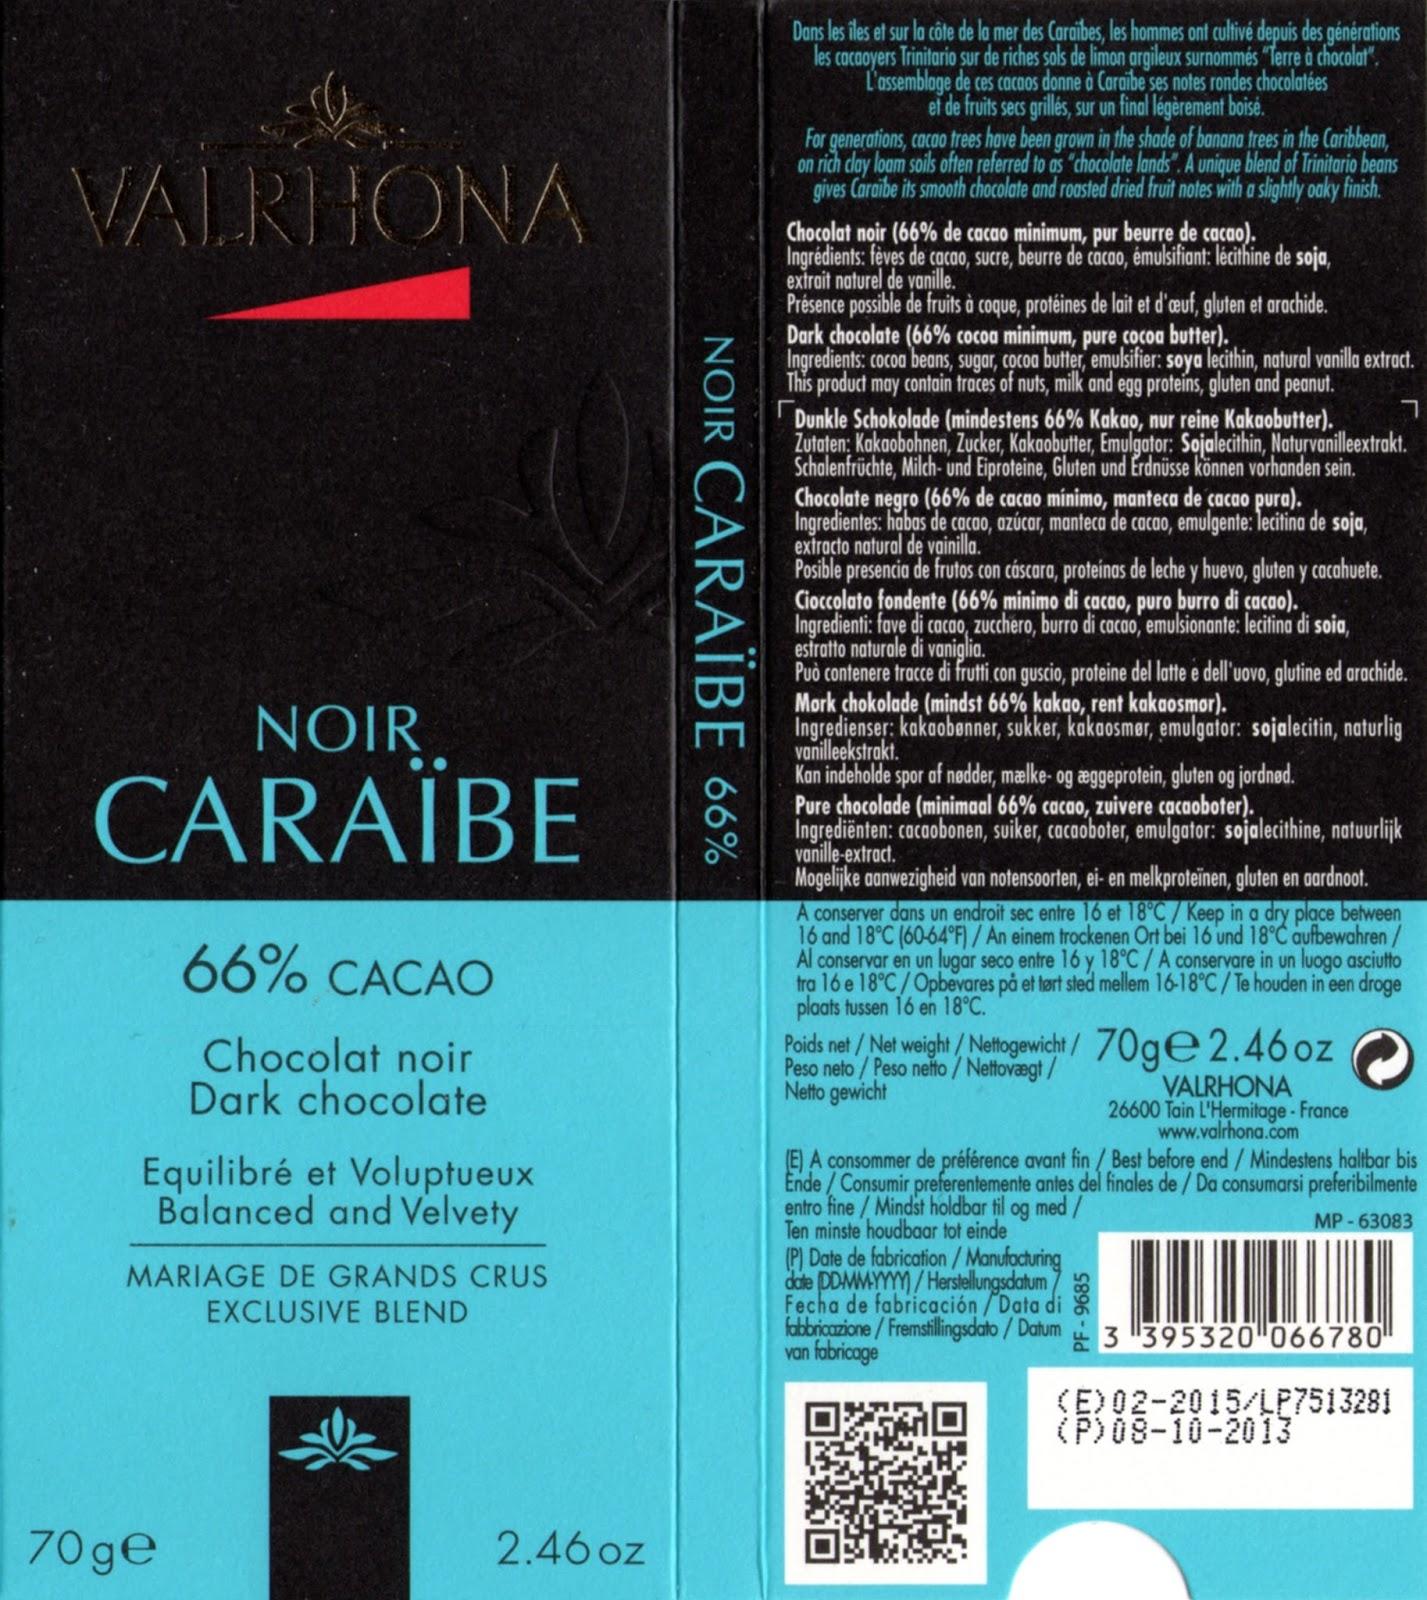 tablette de chocolat noir dégustation valrhona noir caraïbe 66